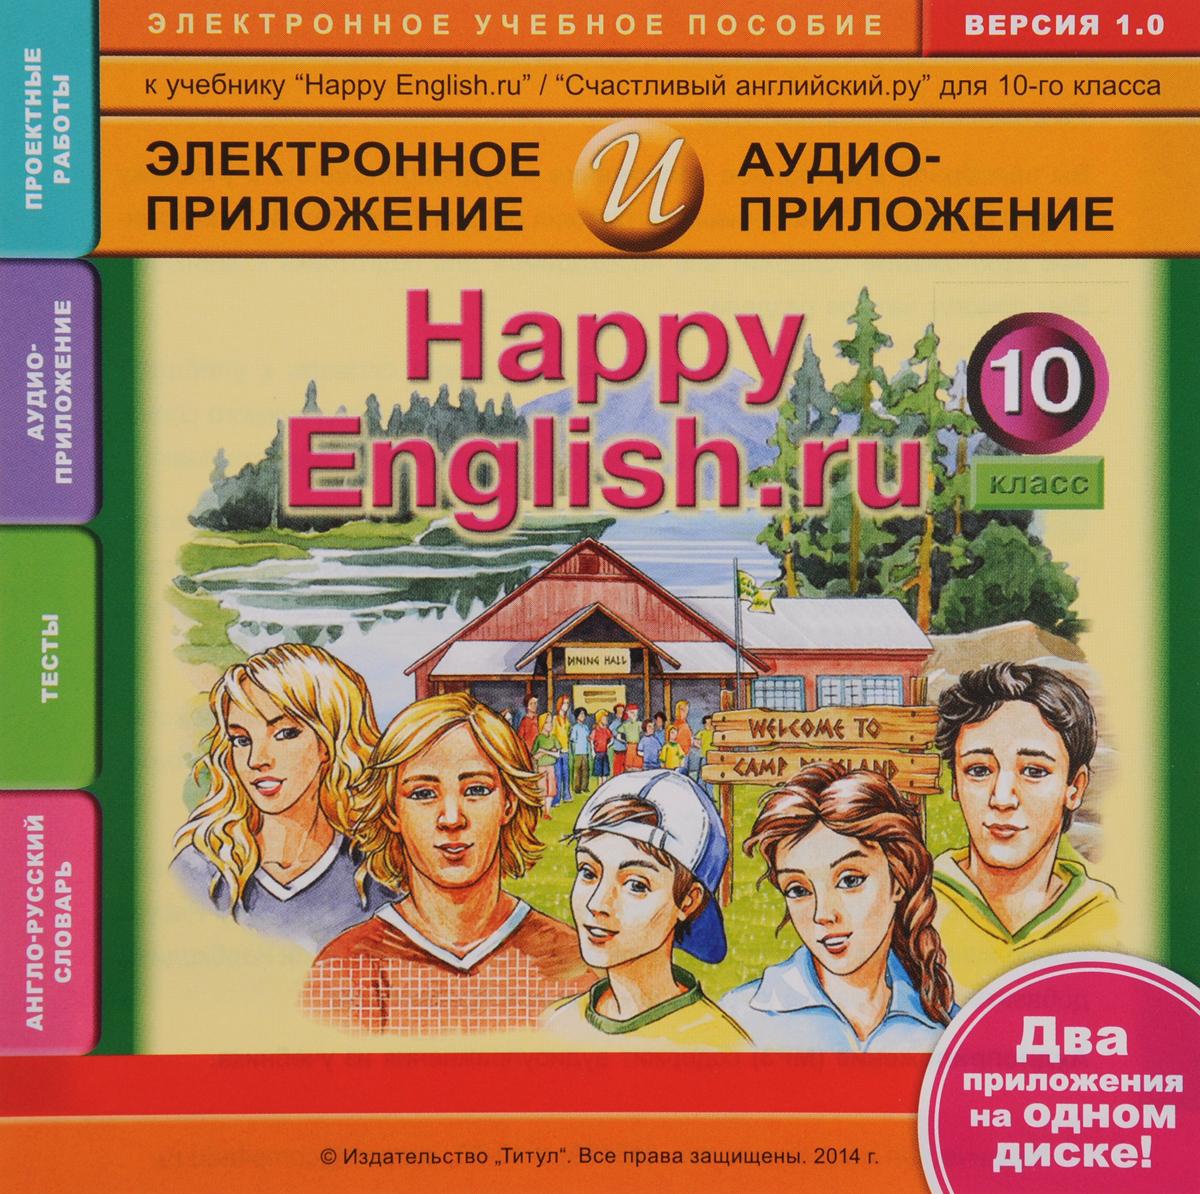 Happy English.ru 10 / Счастливый английский.ру. Английский язык. 10 класс. Электронное учебное пособие + аудиоприложение, Титул